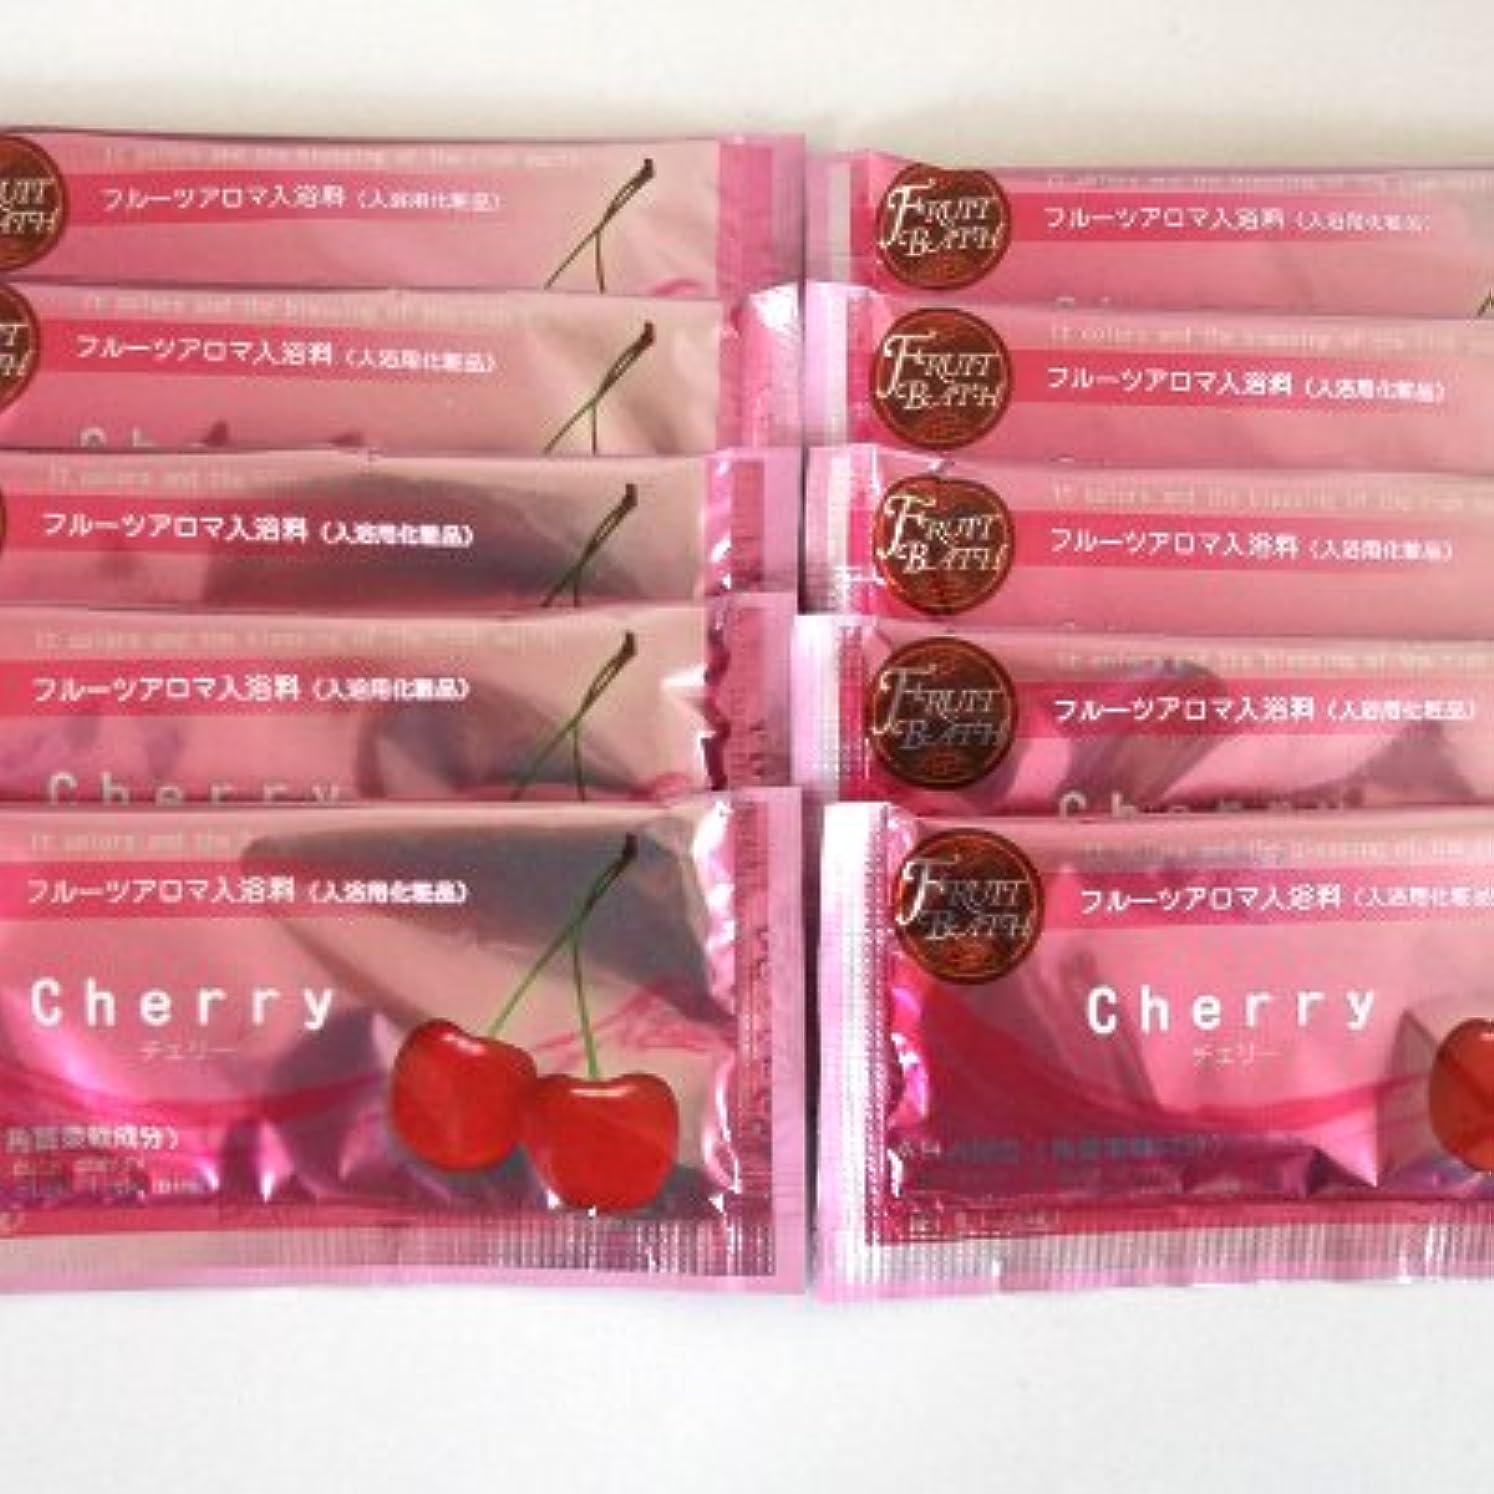 フルーツアロマ入浴剤 チェリーの香り 10包セット